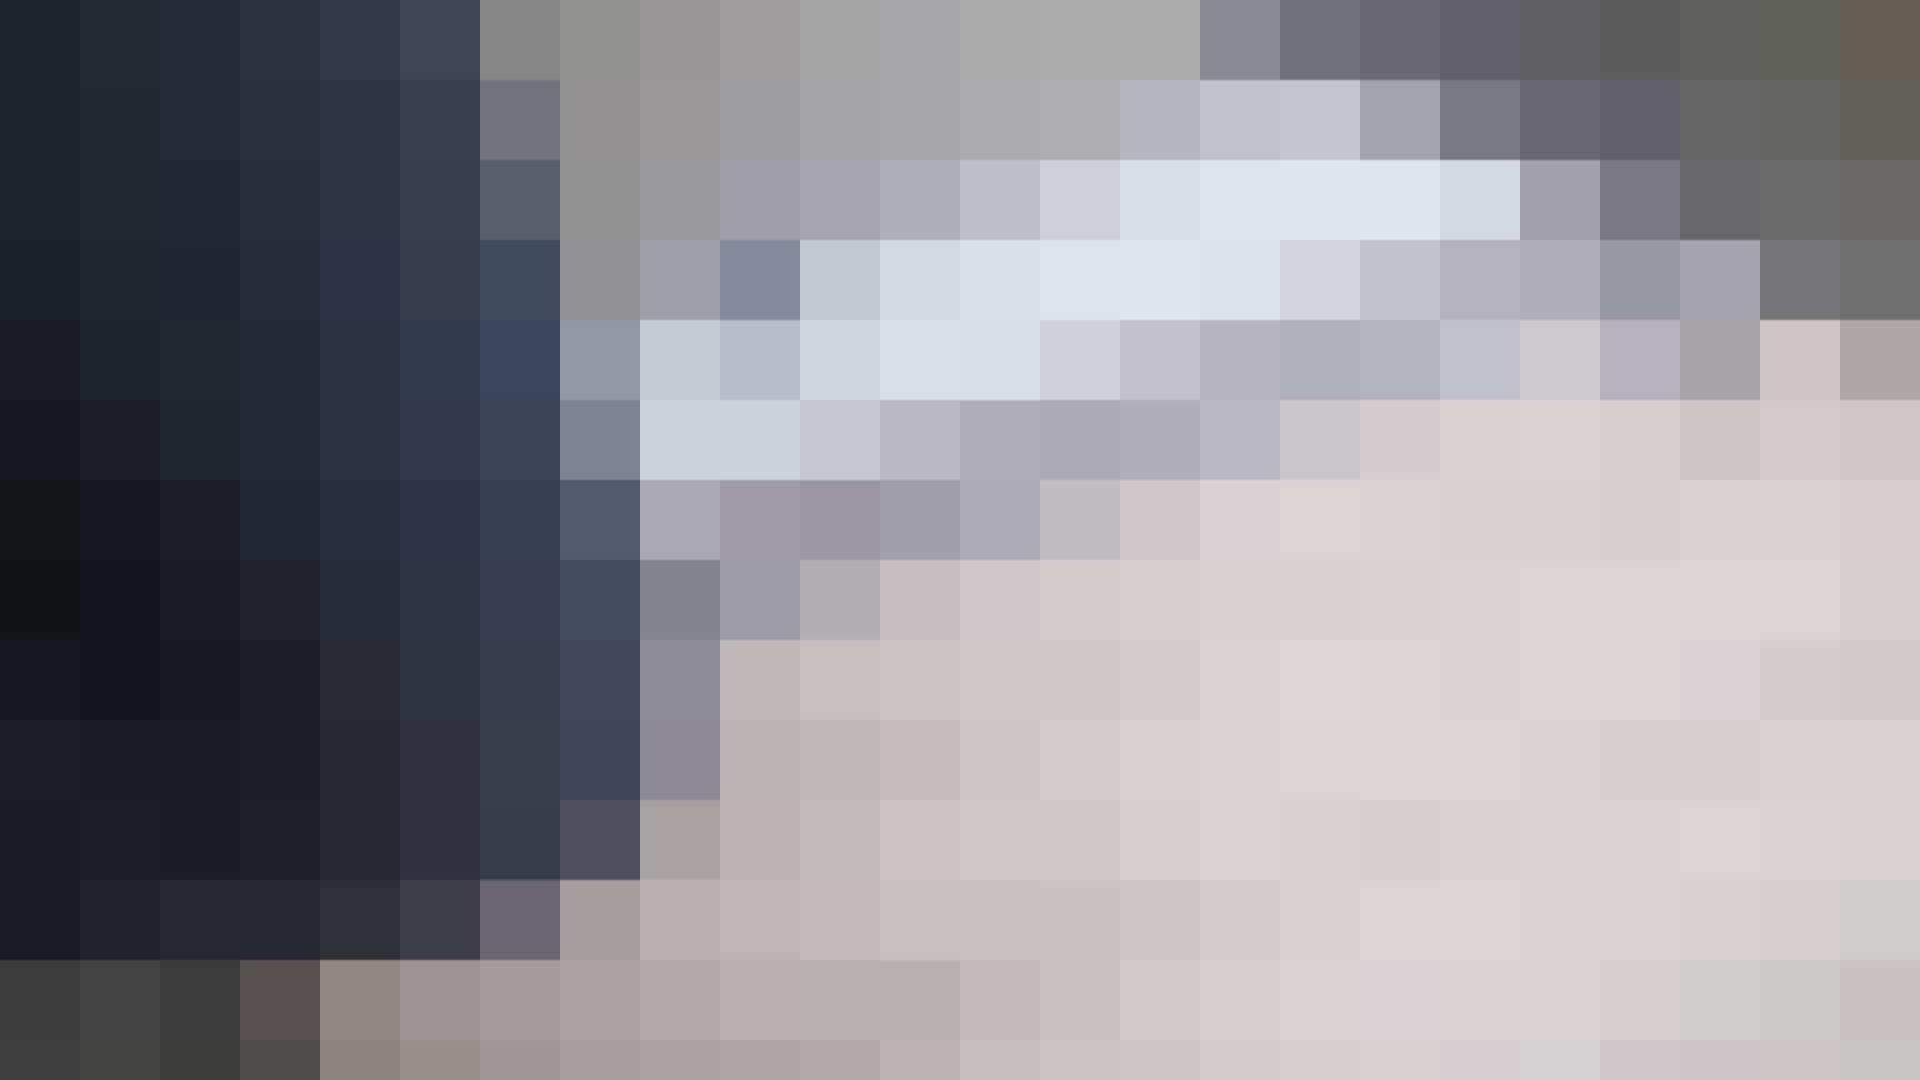 阿国ちゃんの「和式洋式七変化」No.16 和式で踏ん張り中  96連発 96